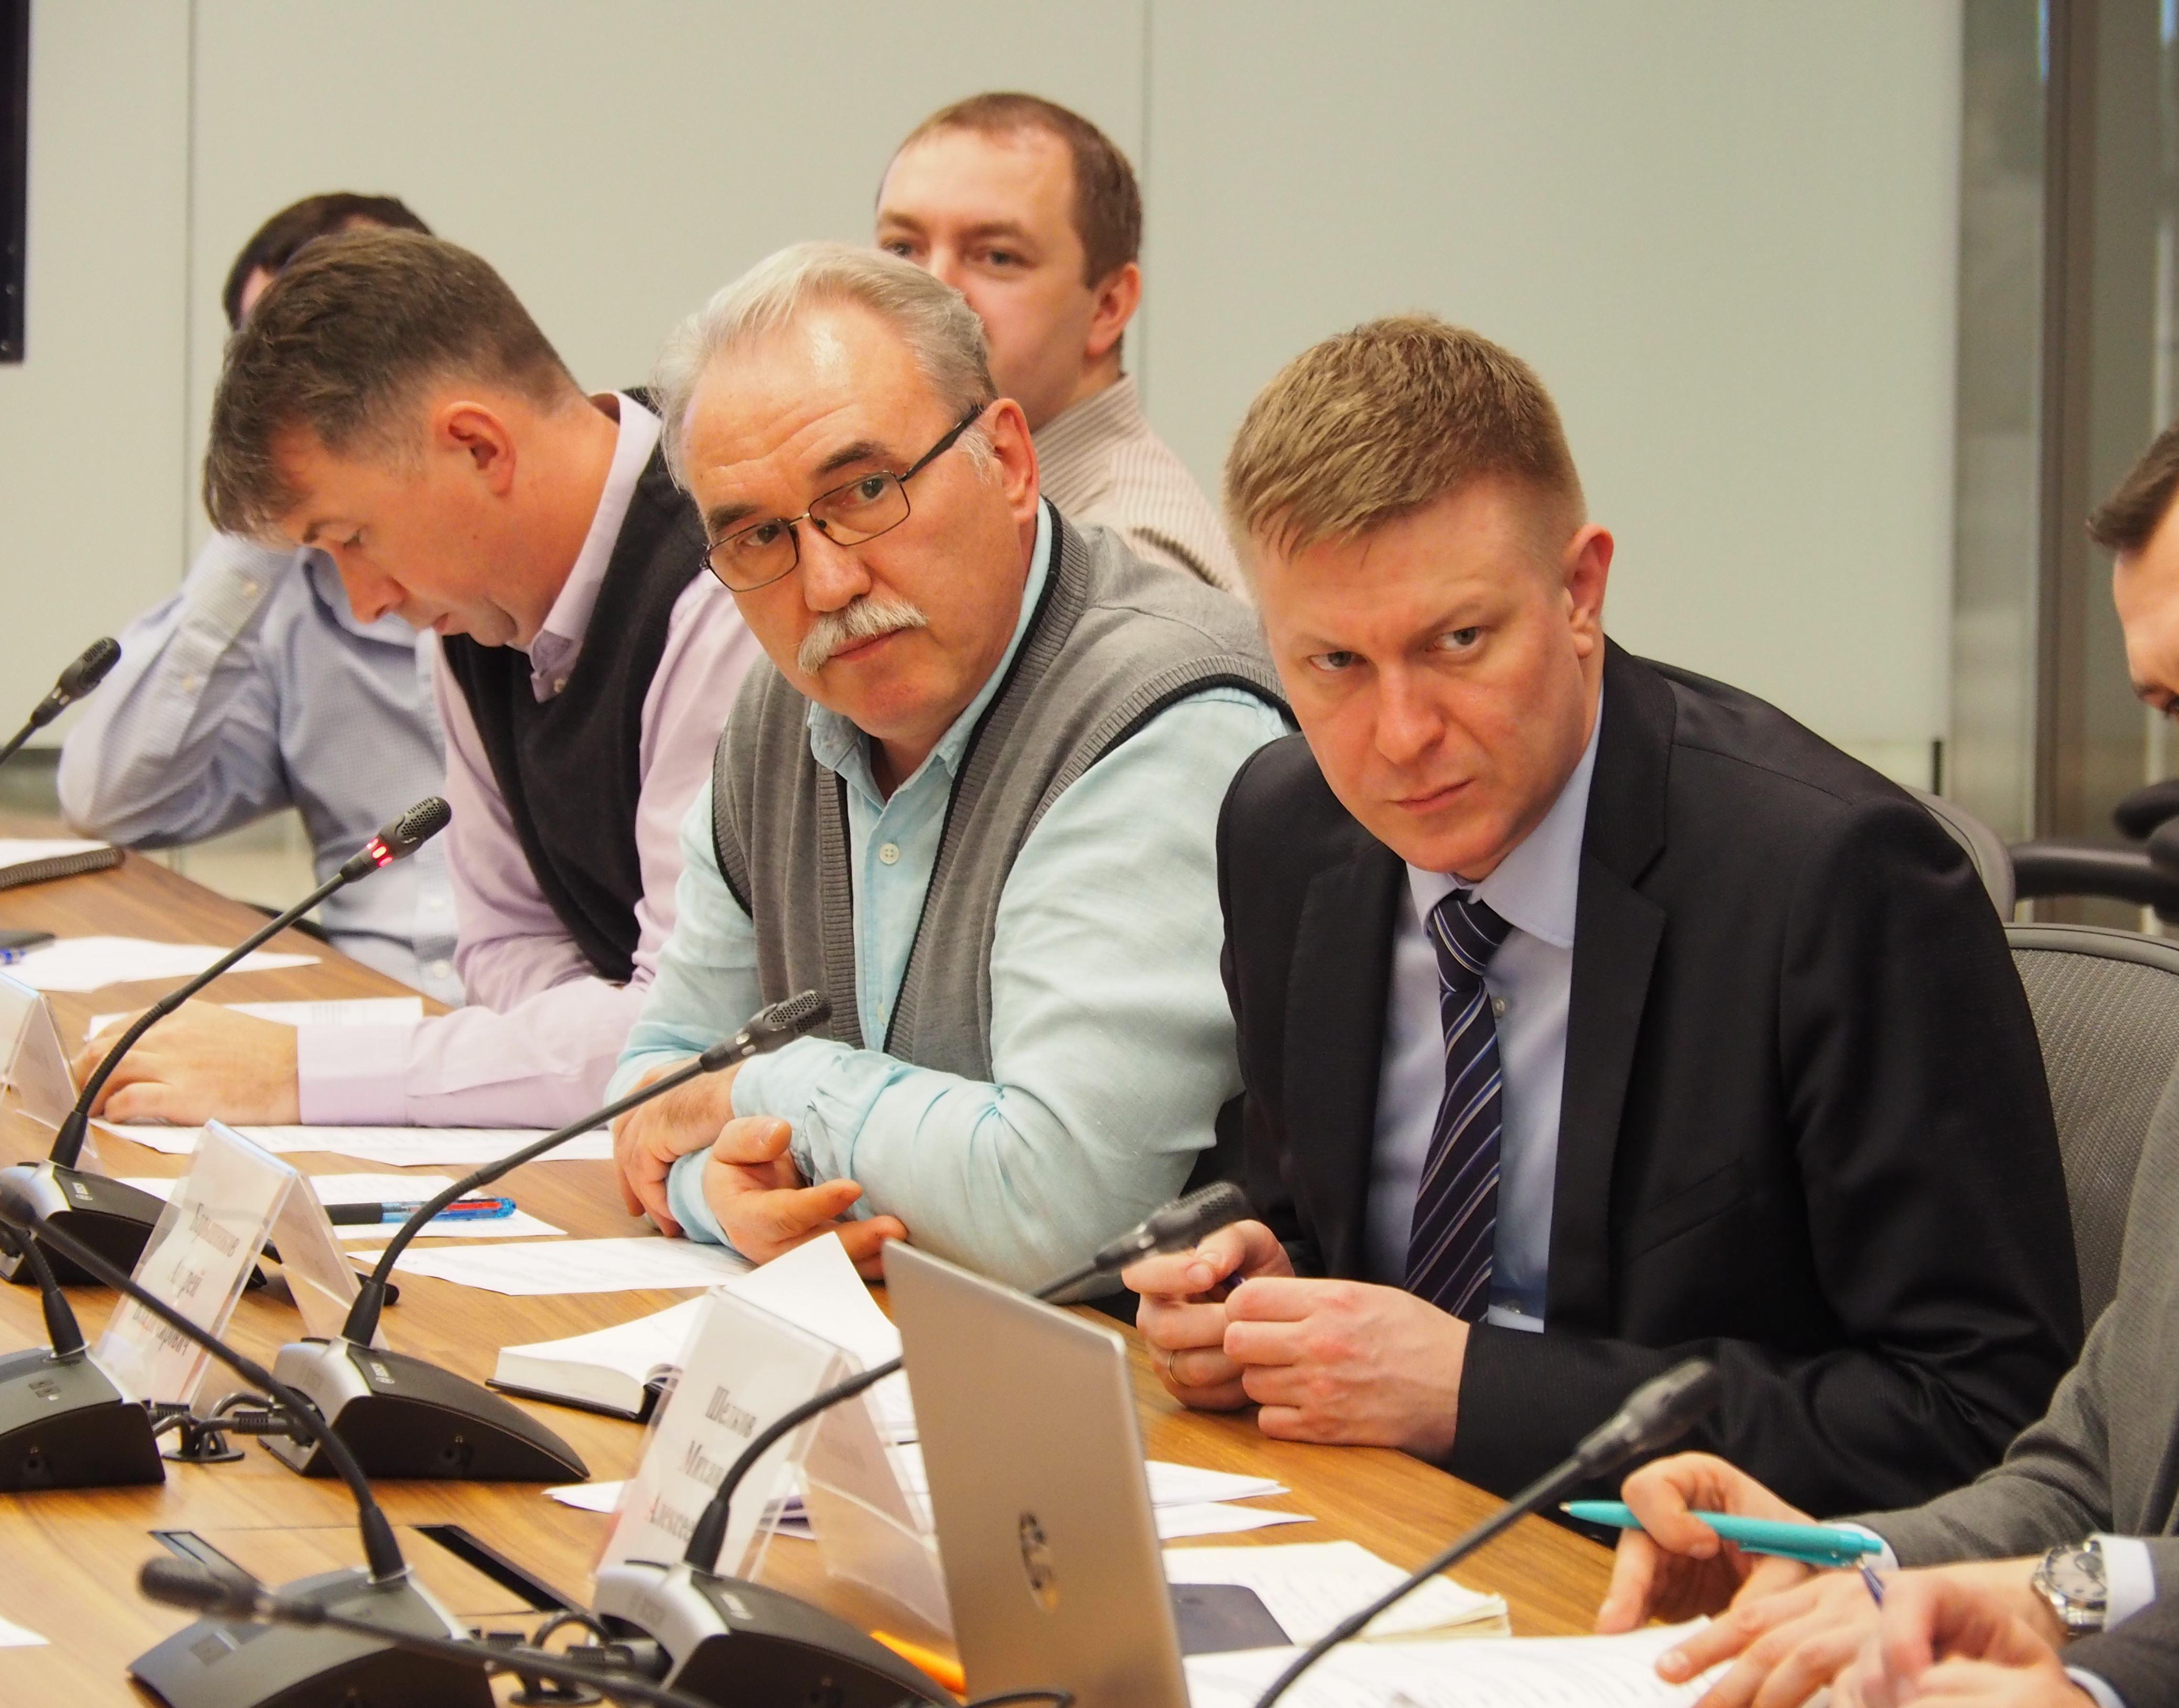 Руководитель органа сертификации Глобал Стандарт. Барышников Андрей Владимирович